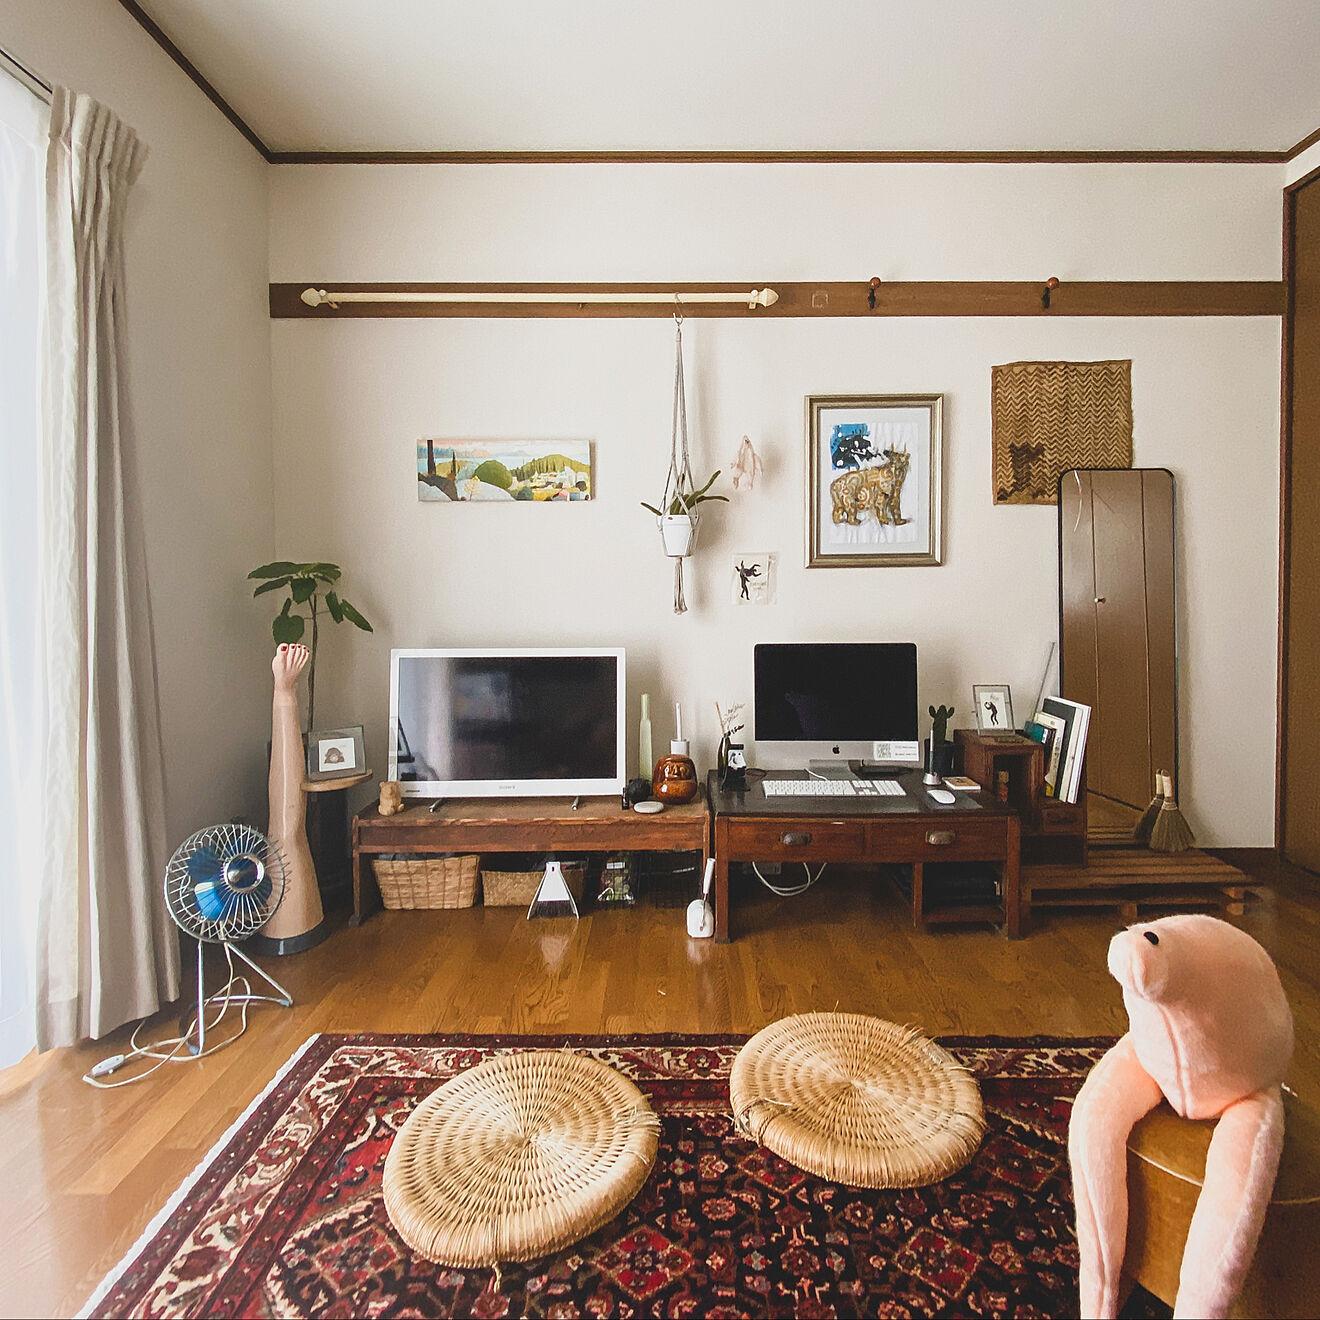 「28m2。奇妙さやギャップの魅力を楽しむ、気ままなミックススタイル」 by hada.iroさん